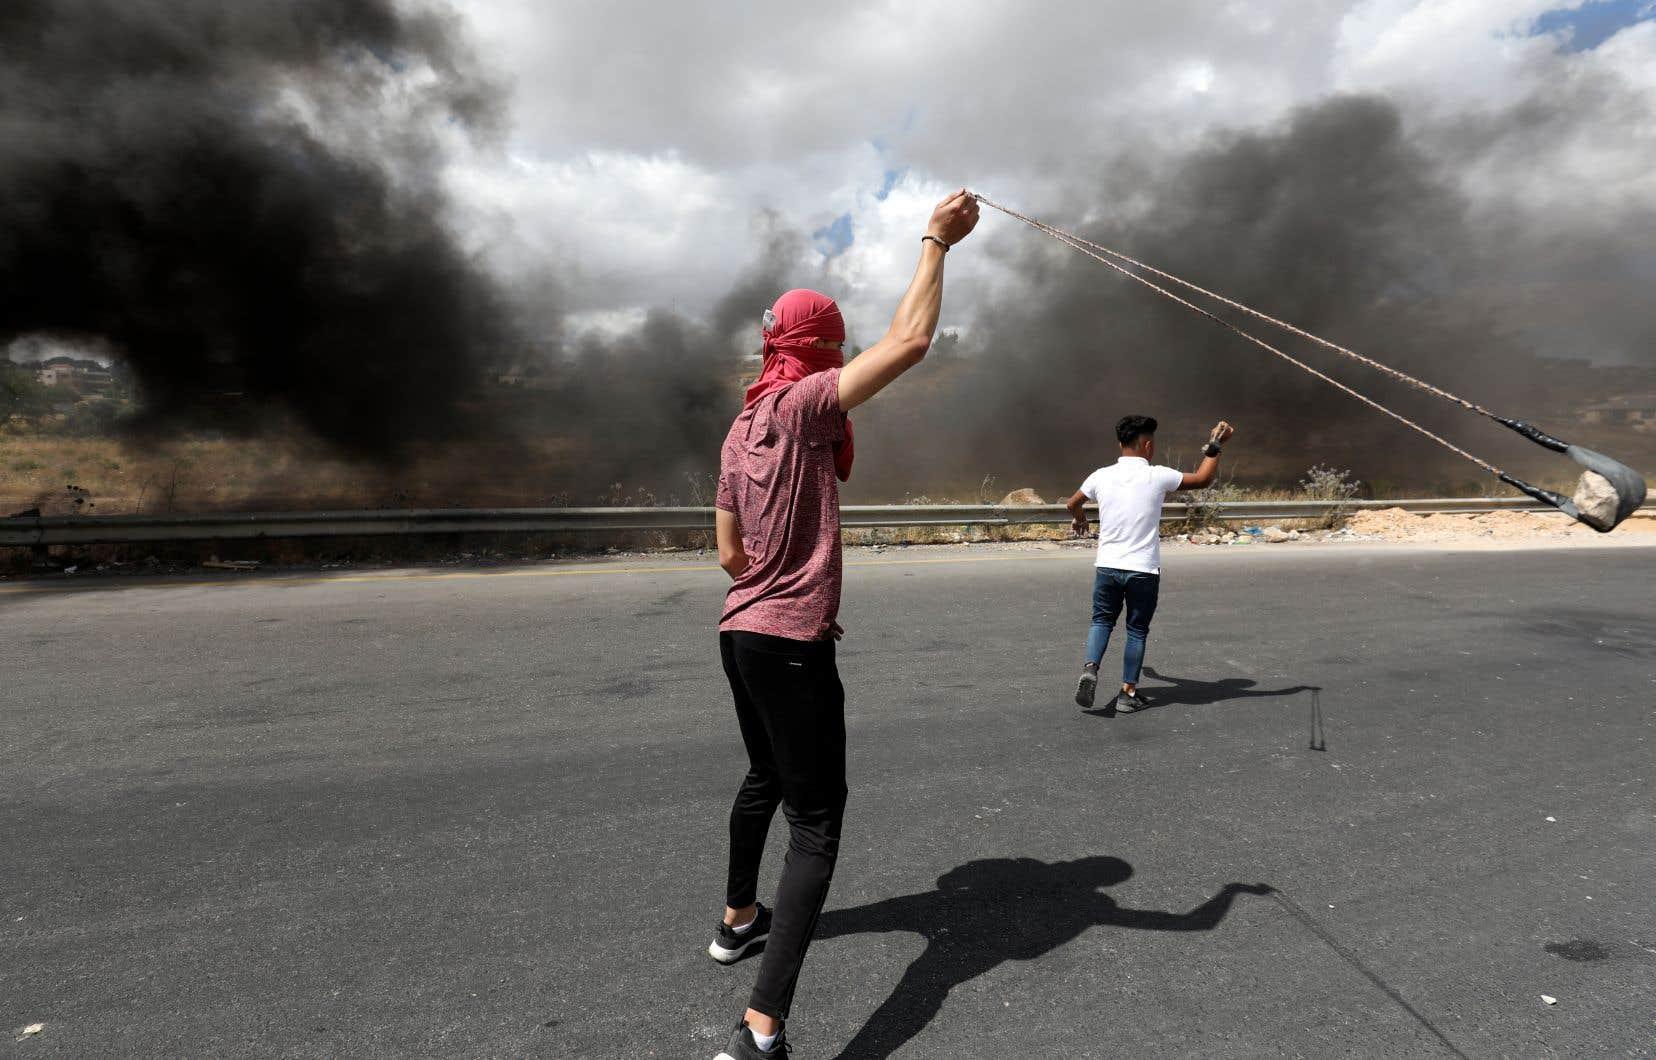 Un militant  palestinien a  fait tournoyer  un lance-pierre devant des  soldats israéliens lors d'une manifestation contre  le projet d'annexion de la  Cisjordanie,  le 19 juin dernier, près  de Ramallah.